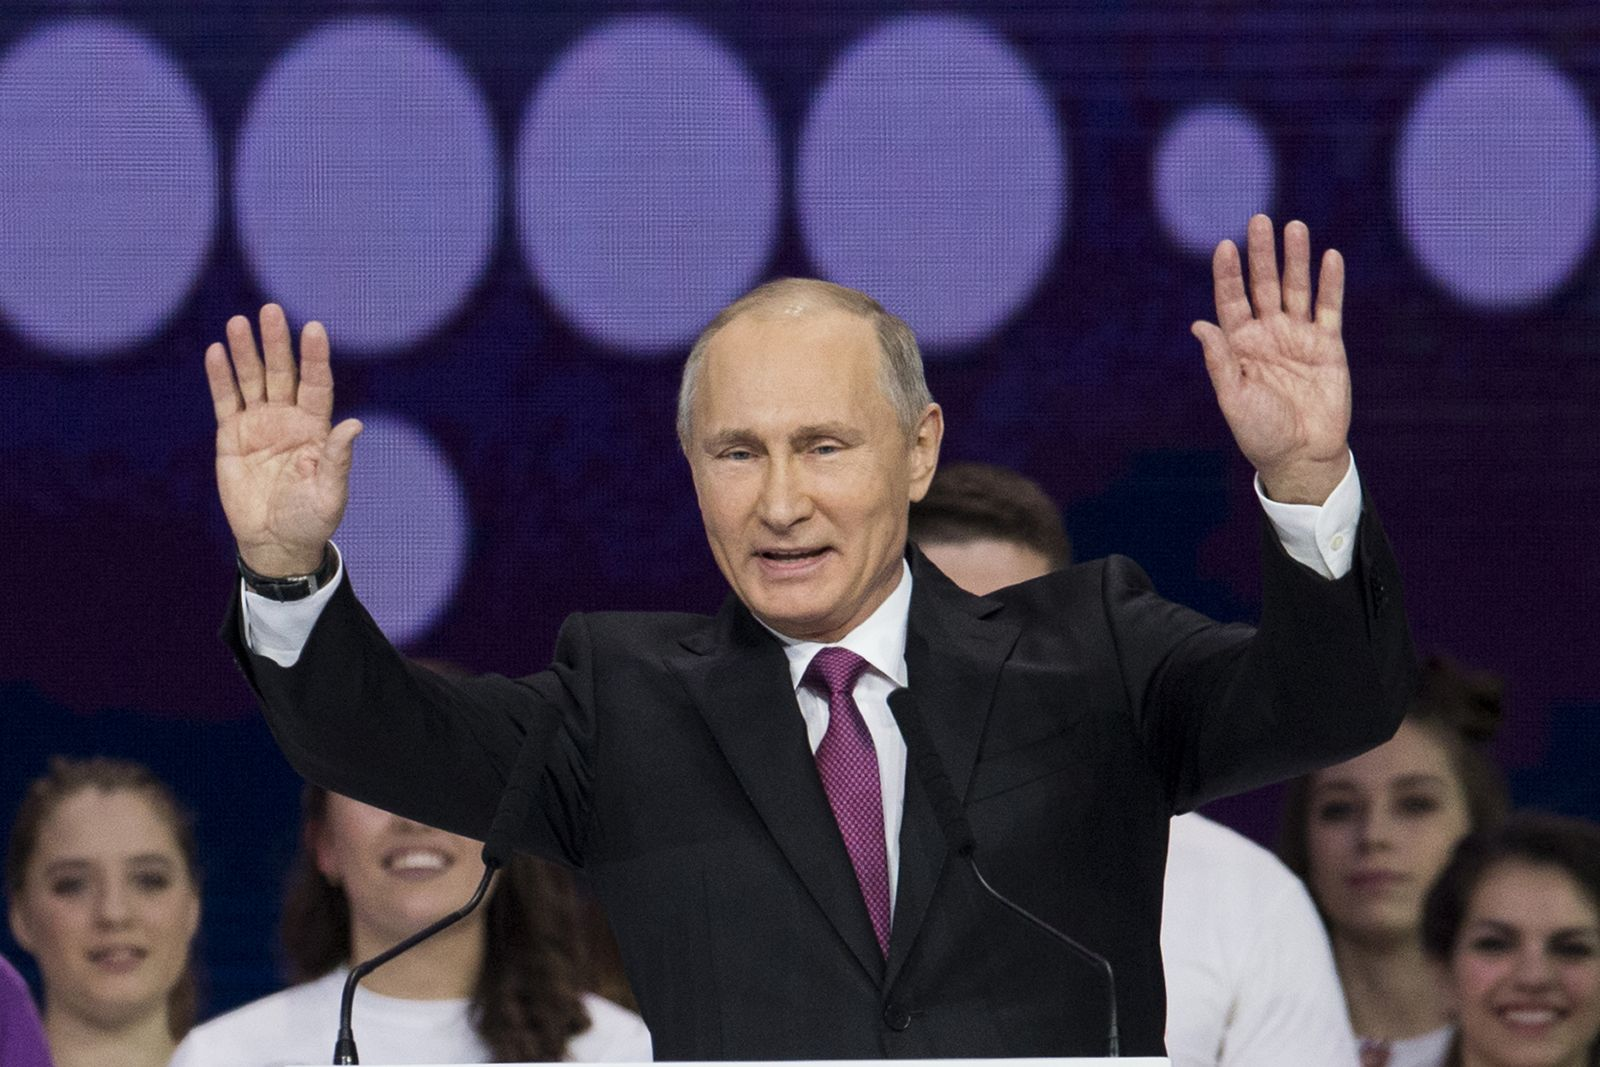 普京宣布參選2018俄羅斯大選